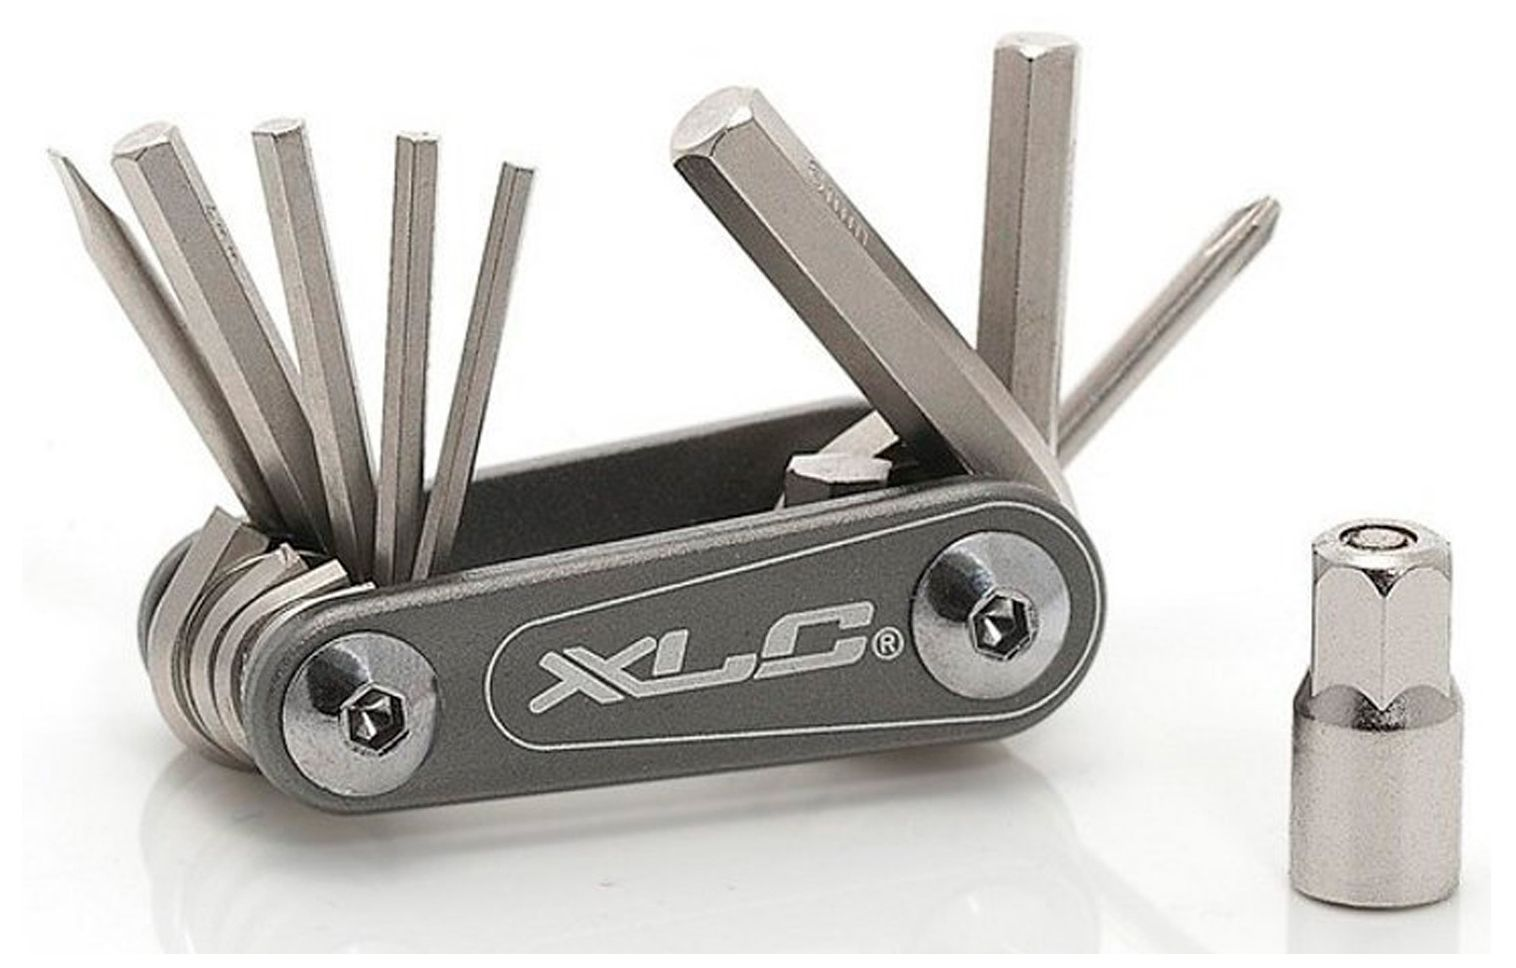 XLC TO-M08 Multitool Nano nine parts, SB-Plus